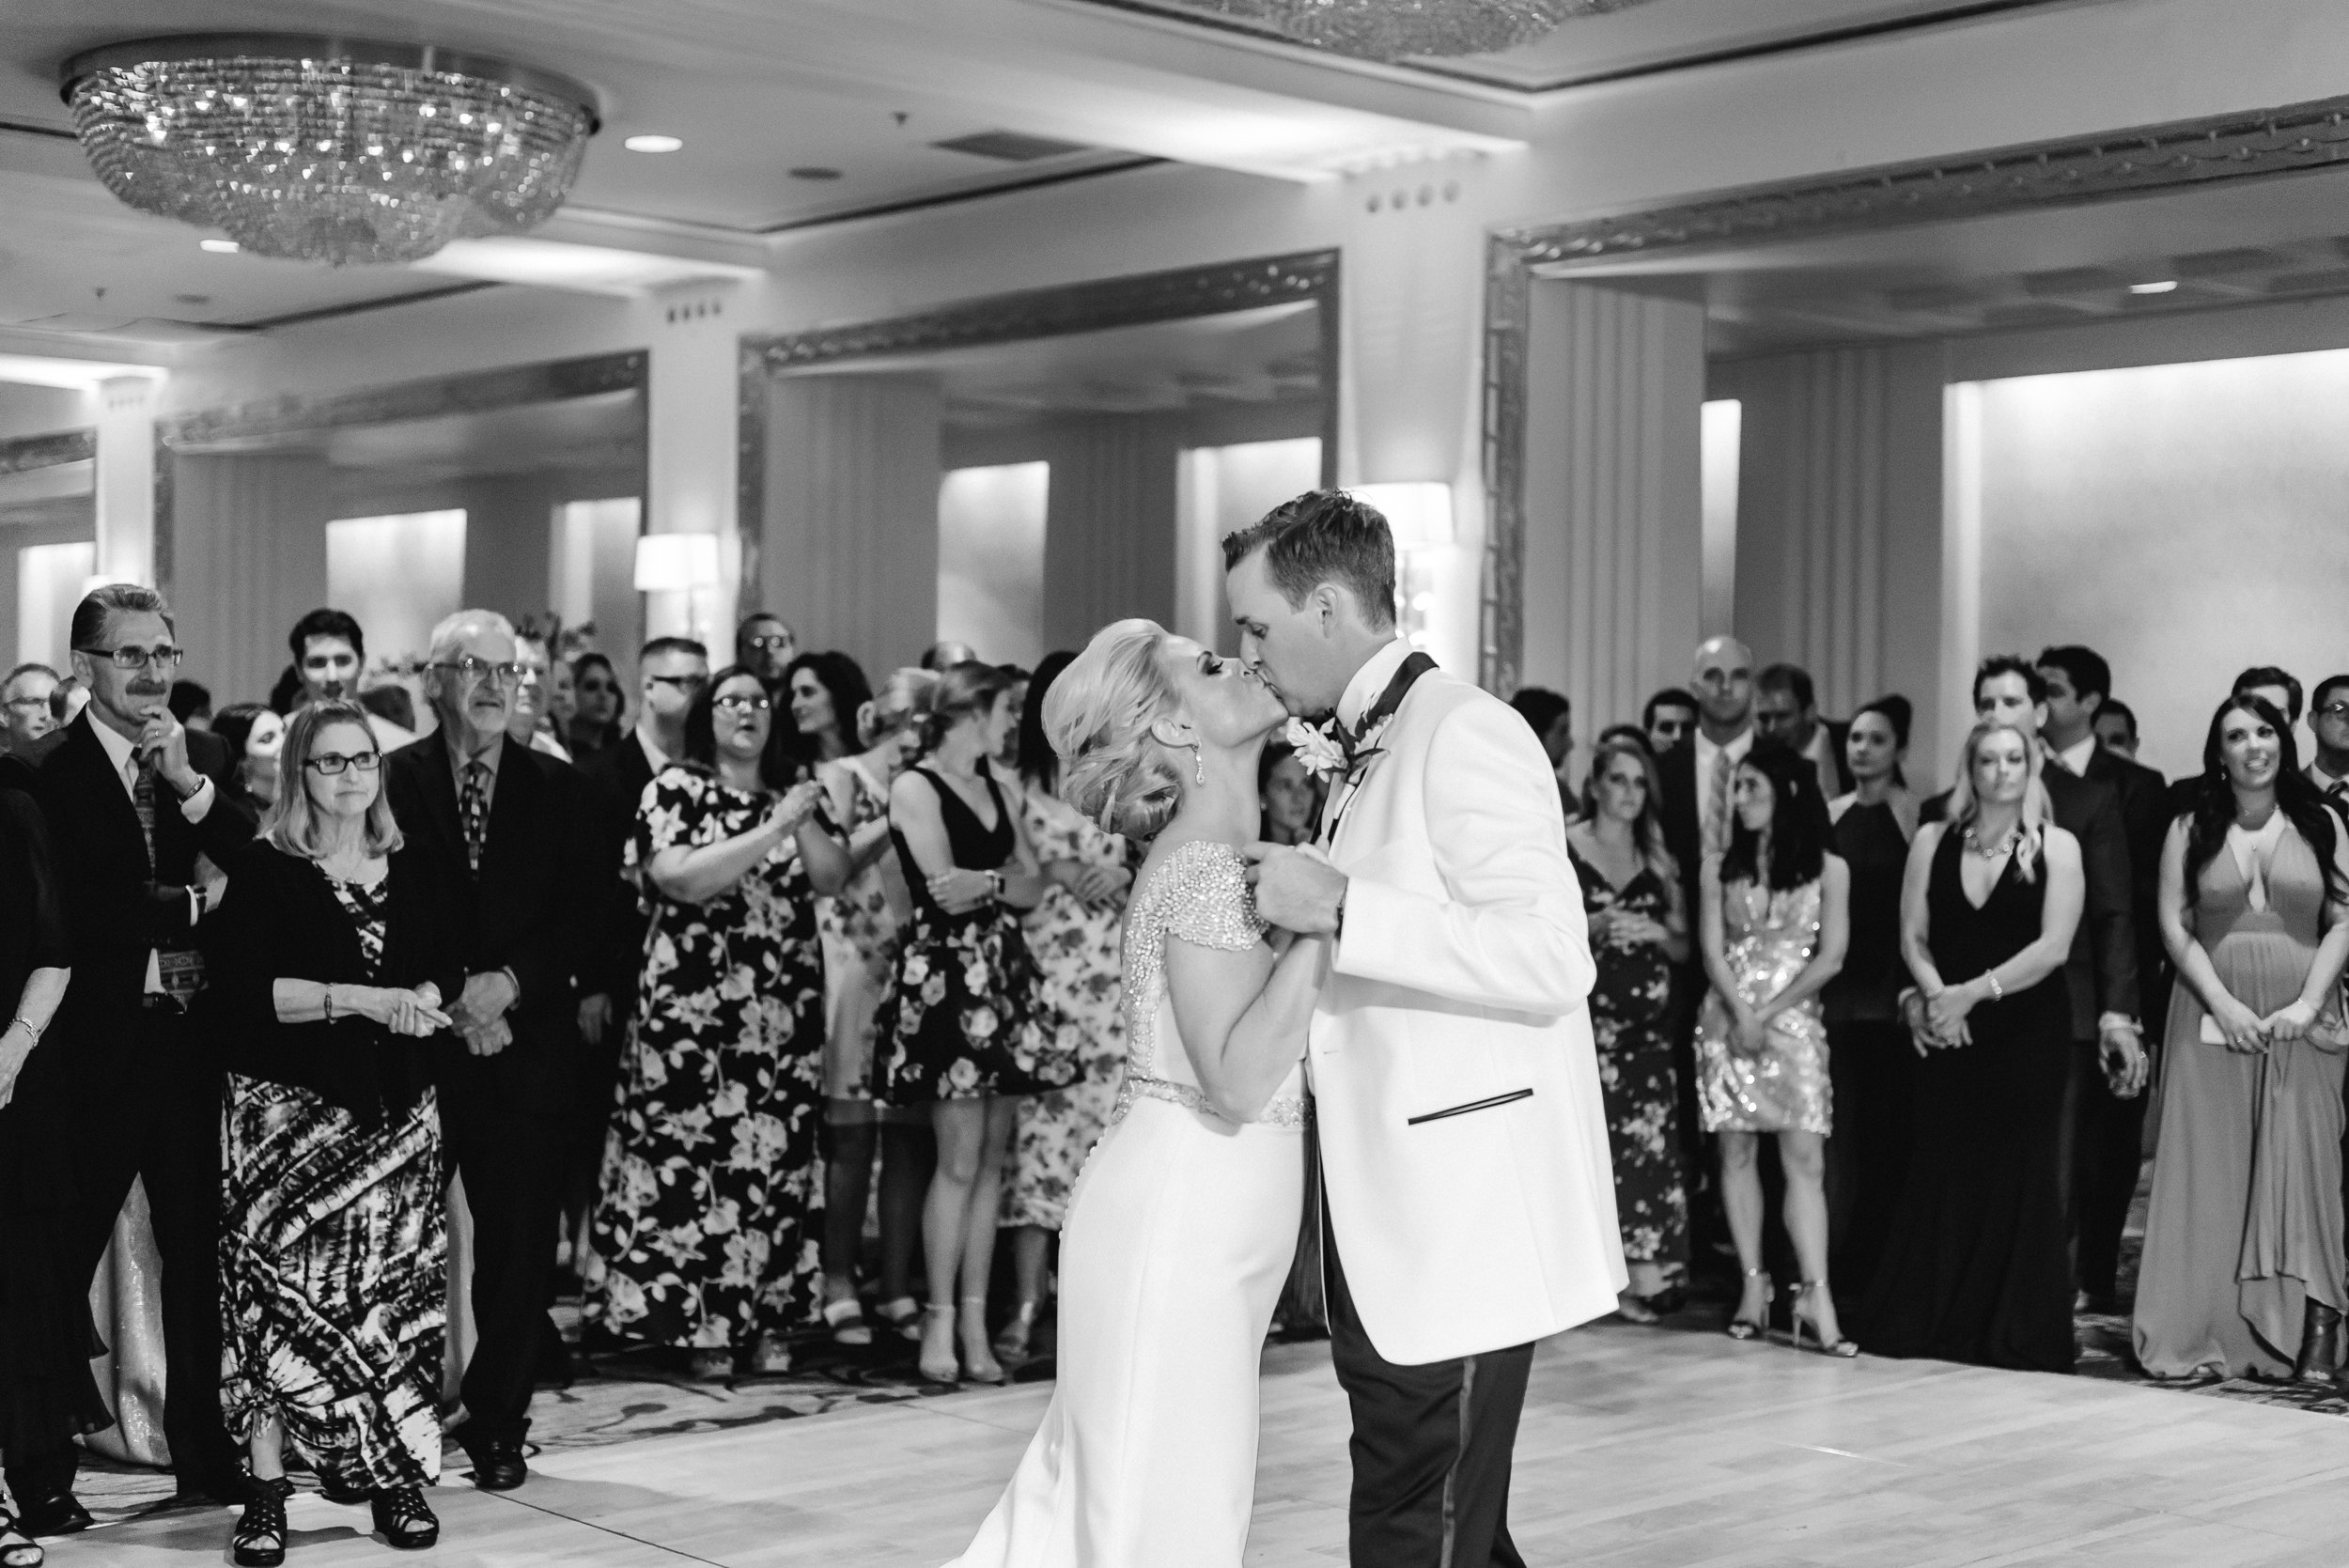 omni-william-penn-wedding-classic-chic-modern-photography-0035.jpg